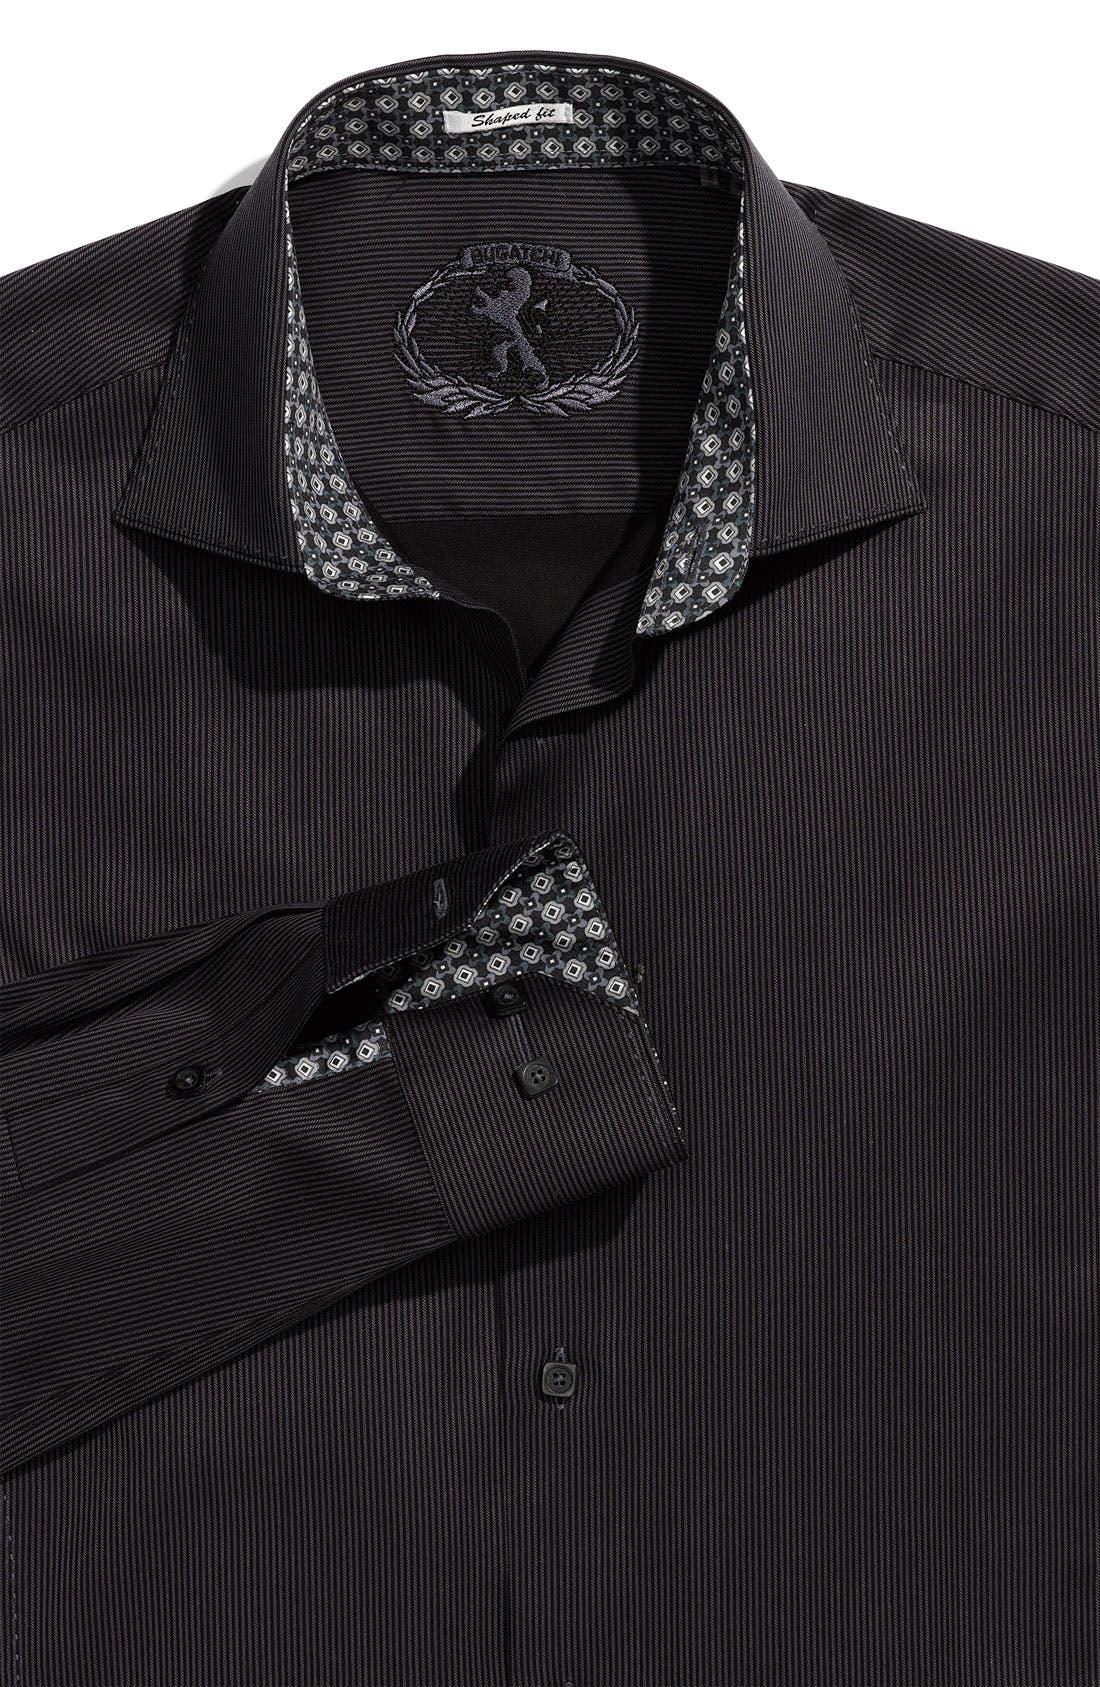 Main Image - Bugatchi Uomo 'Shaped Fit' Woven Piqué Sport Shirt